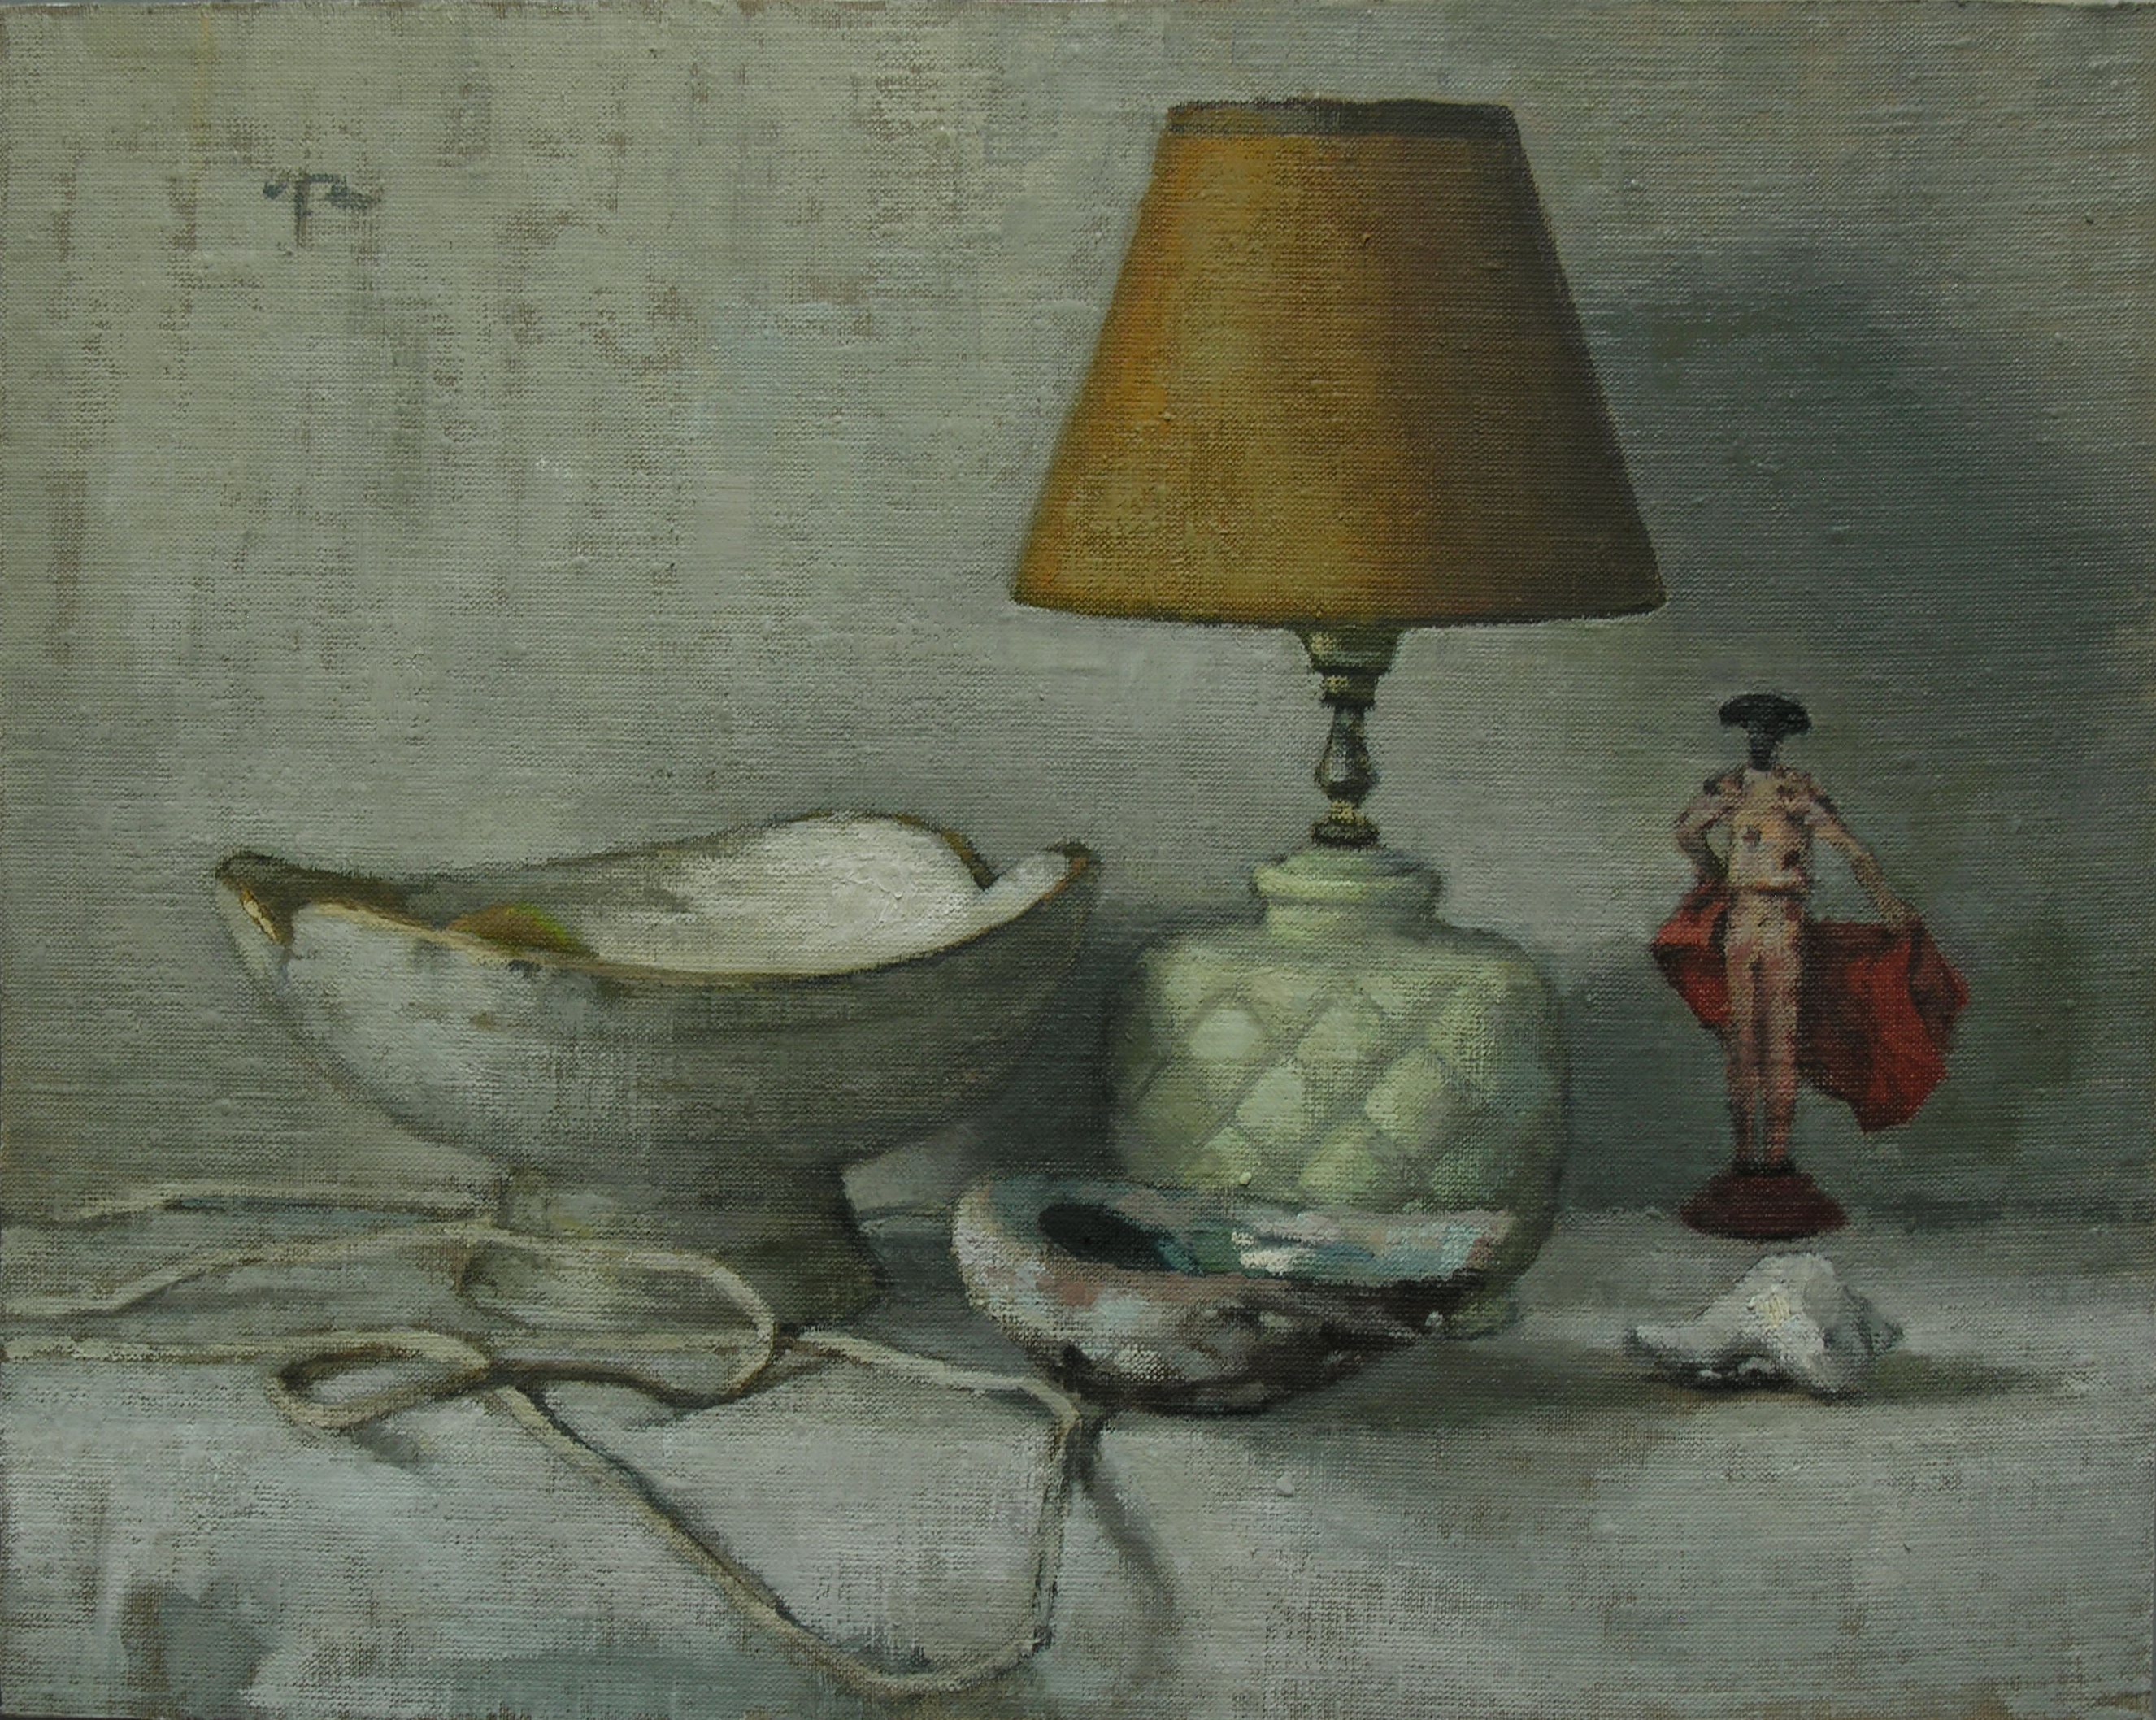 pineapple lamp 2010 2 (1)